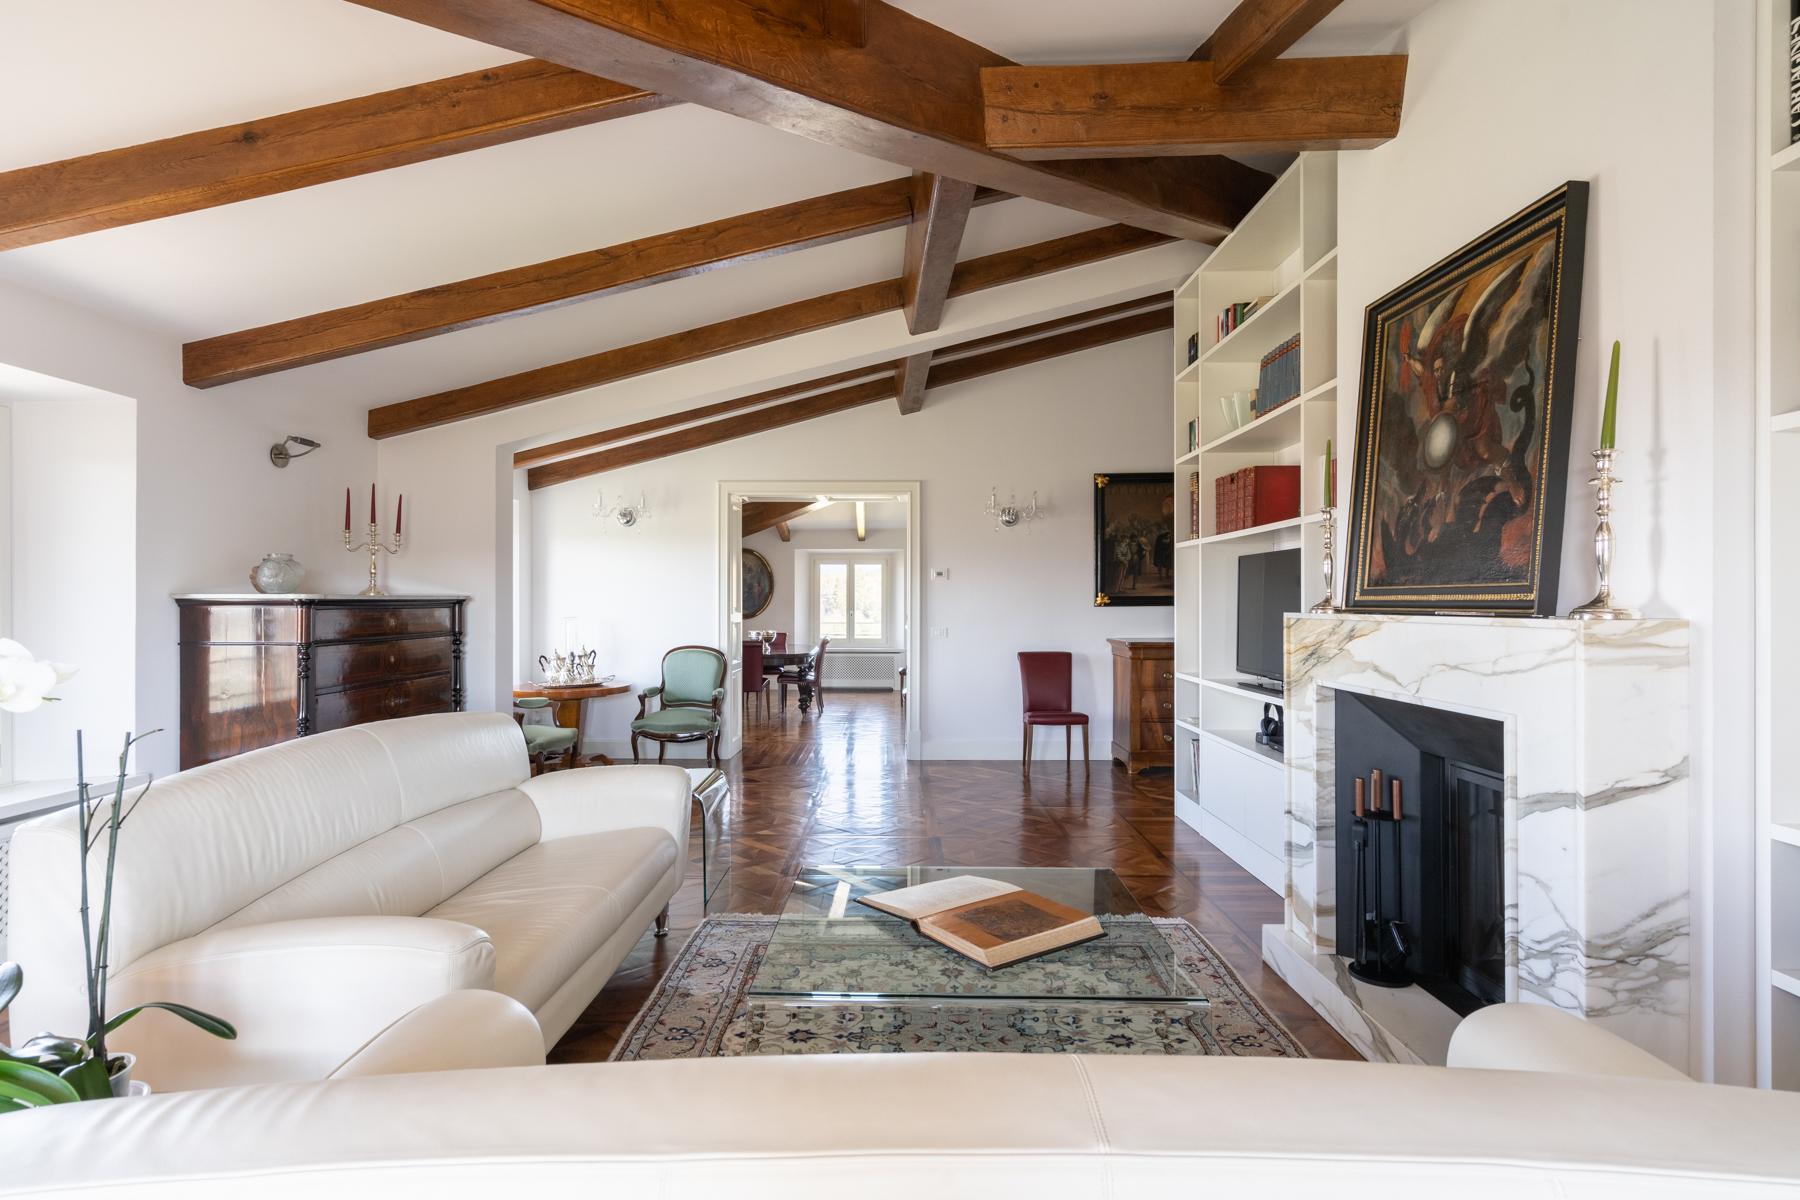 Wunderbare Wohnung in einer Villa mit Swimmingpool auf den Hügeln von Florenz - 5